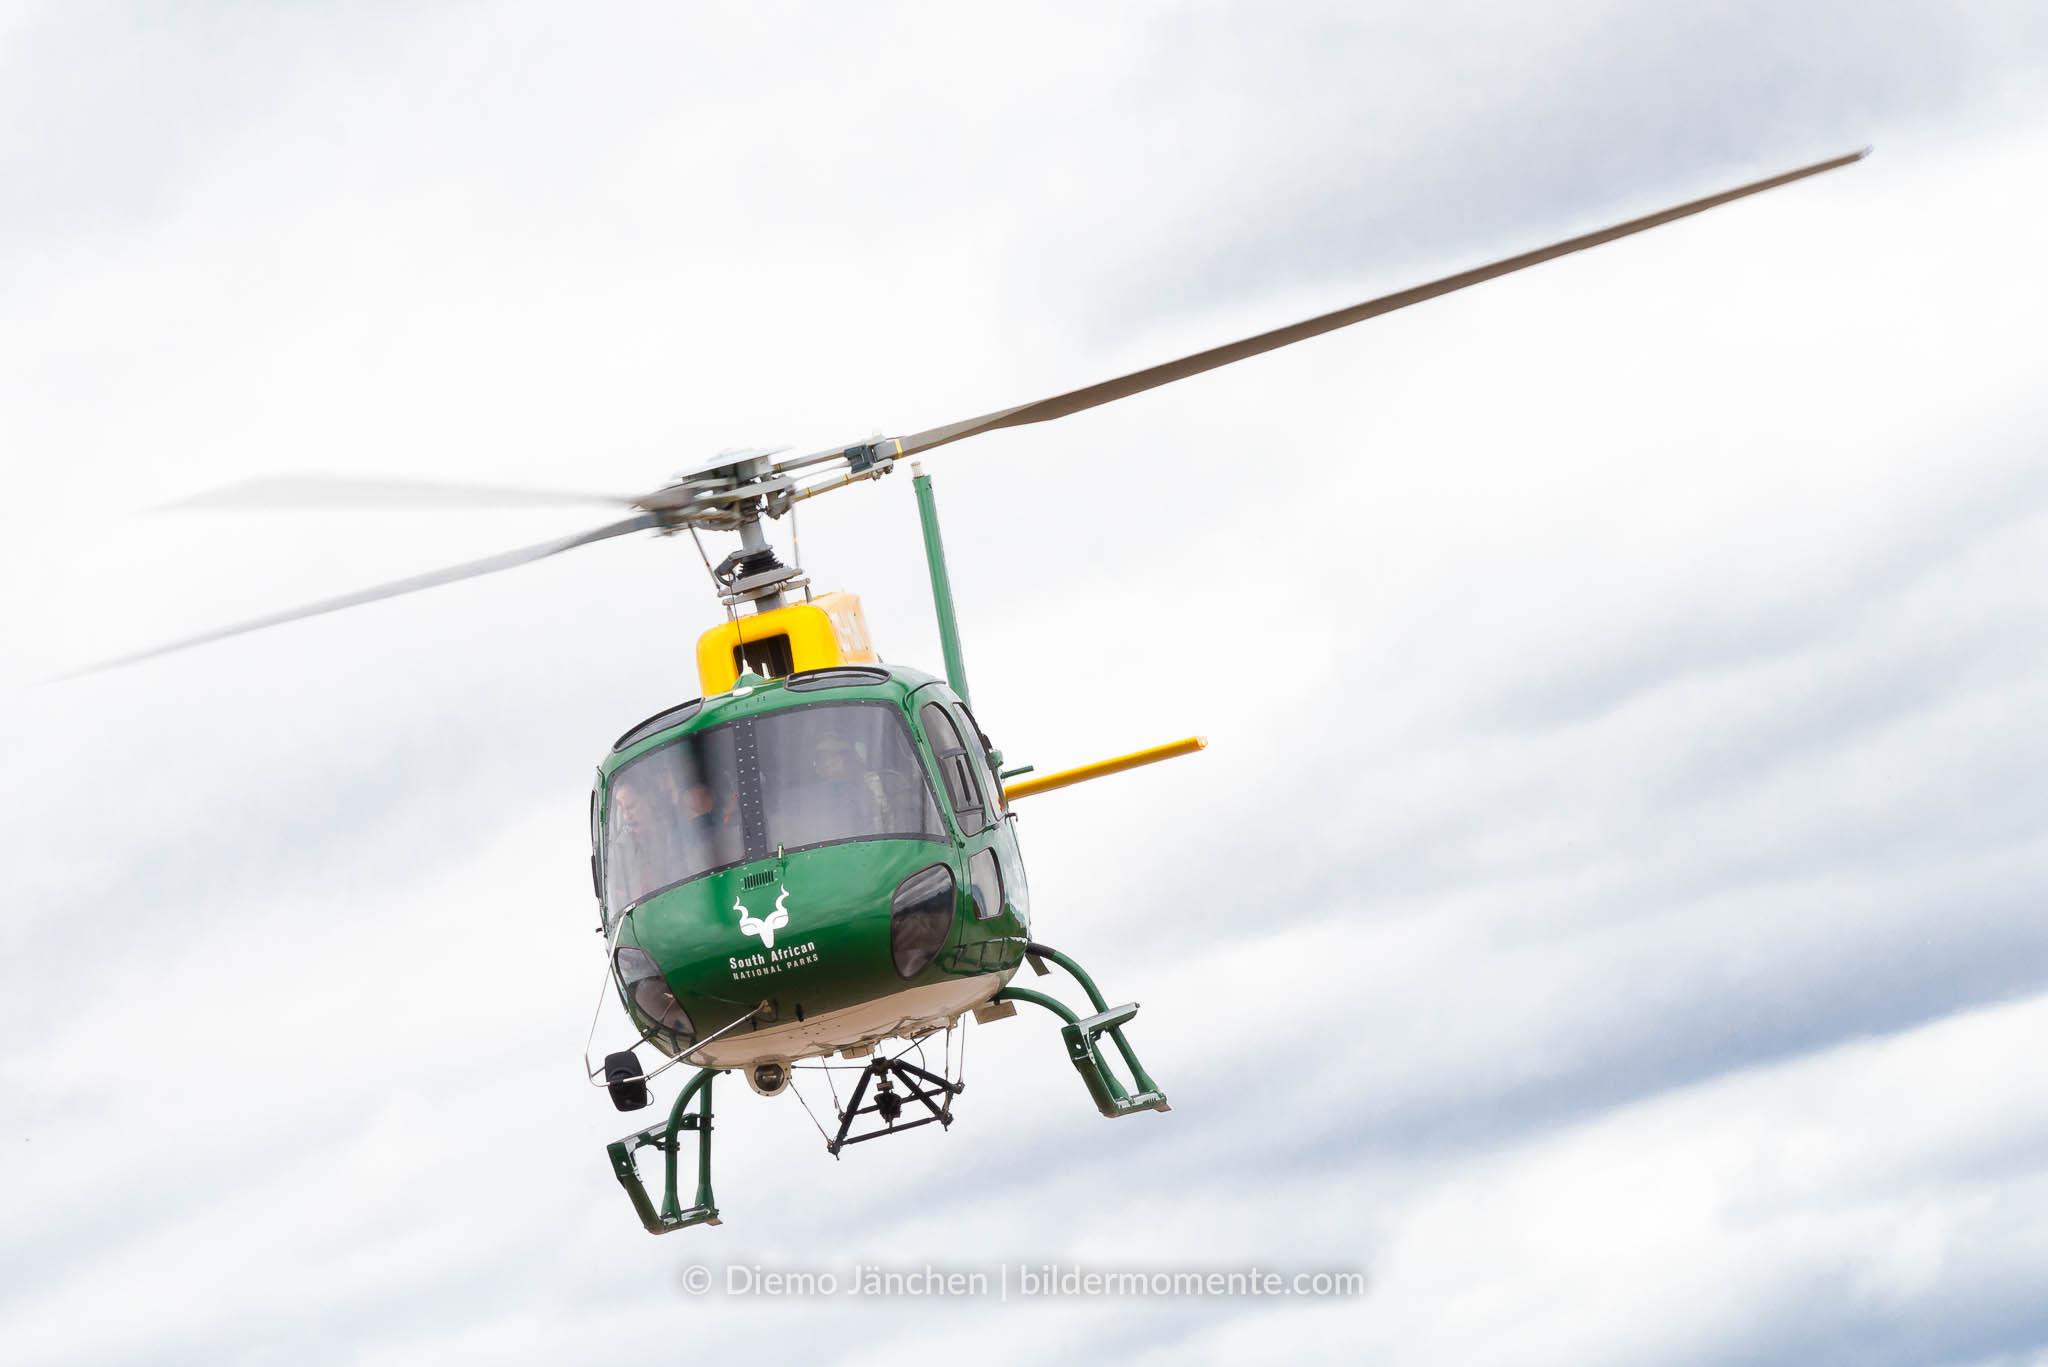 SANP Helikopter